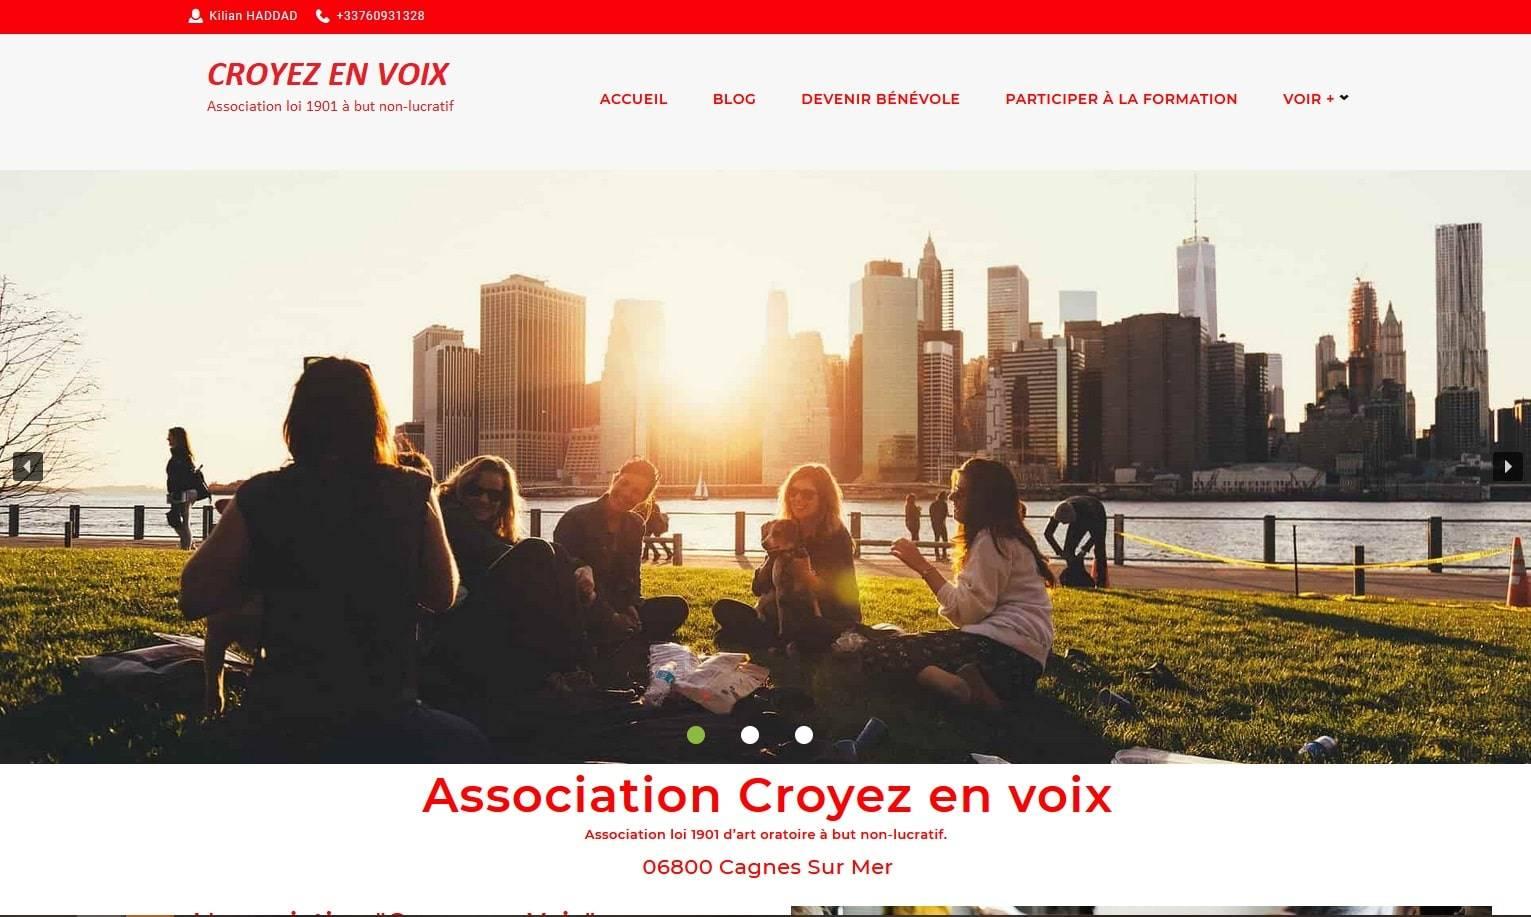 Création site Internet pour l'Association bénévole Croyez En Voix 06 Cagnes sur Mer est une association, loi 1901 à but non lucratif, apolitique, non confessionnelle et indépendante créée en novembre 2019. Sa vocation est de favoriser la réussite scolaire en apportant aide et soutien.